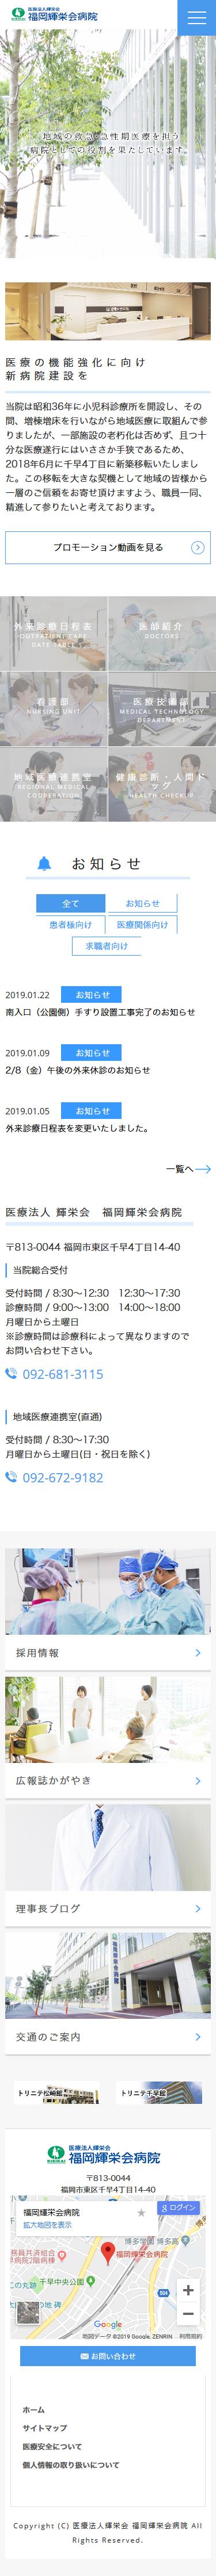 医療法人輝栄会 福岡輝栄会病院スマホ版イメージ